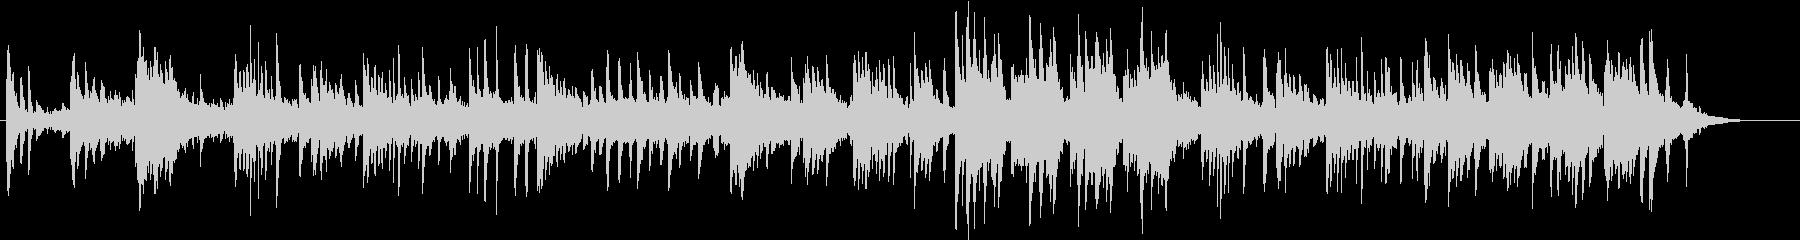 ピアノとシンセのヒーリングミュージックの未再生の波形